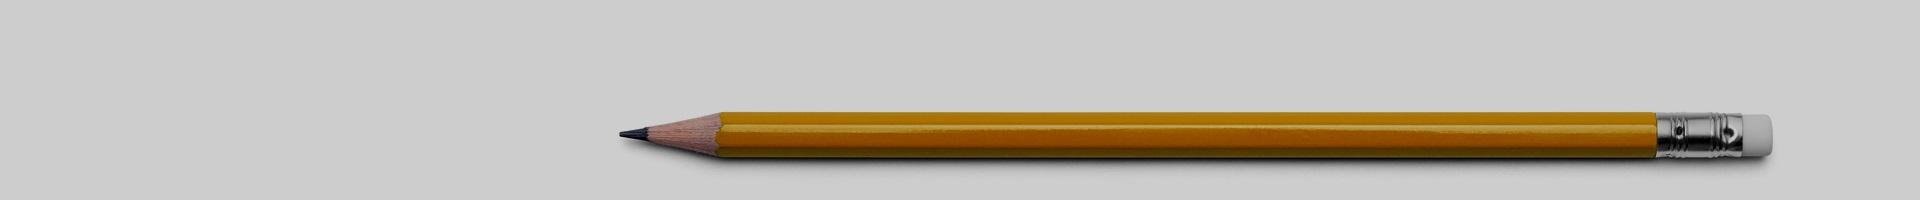 pencil_dark